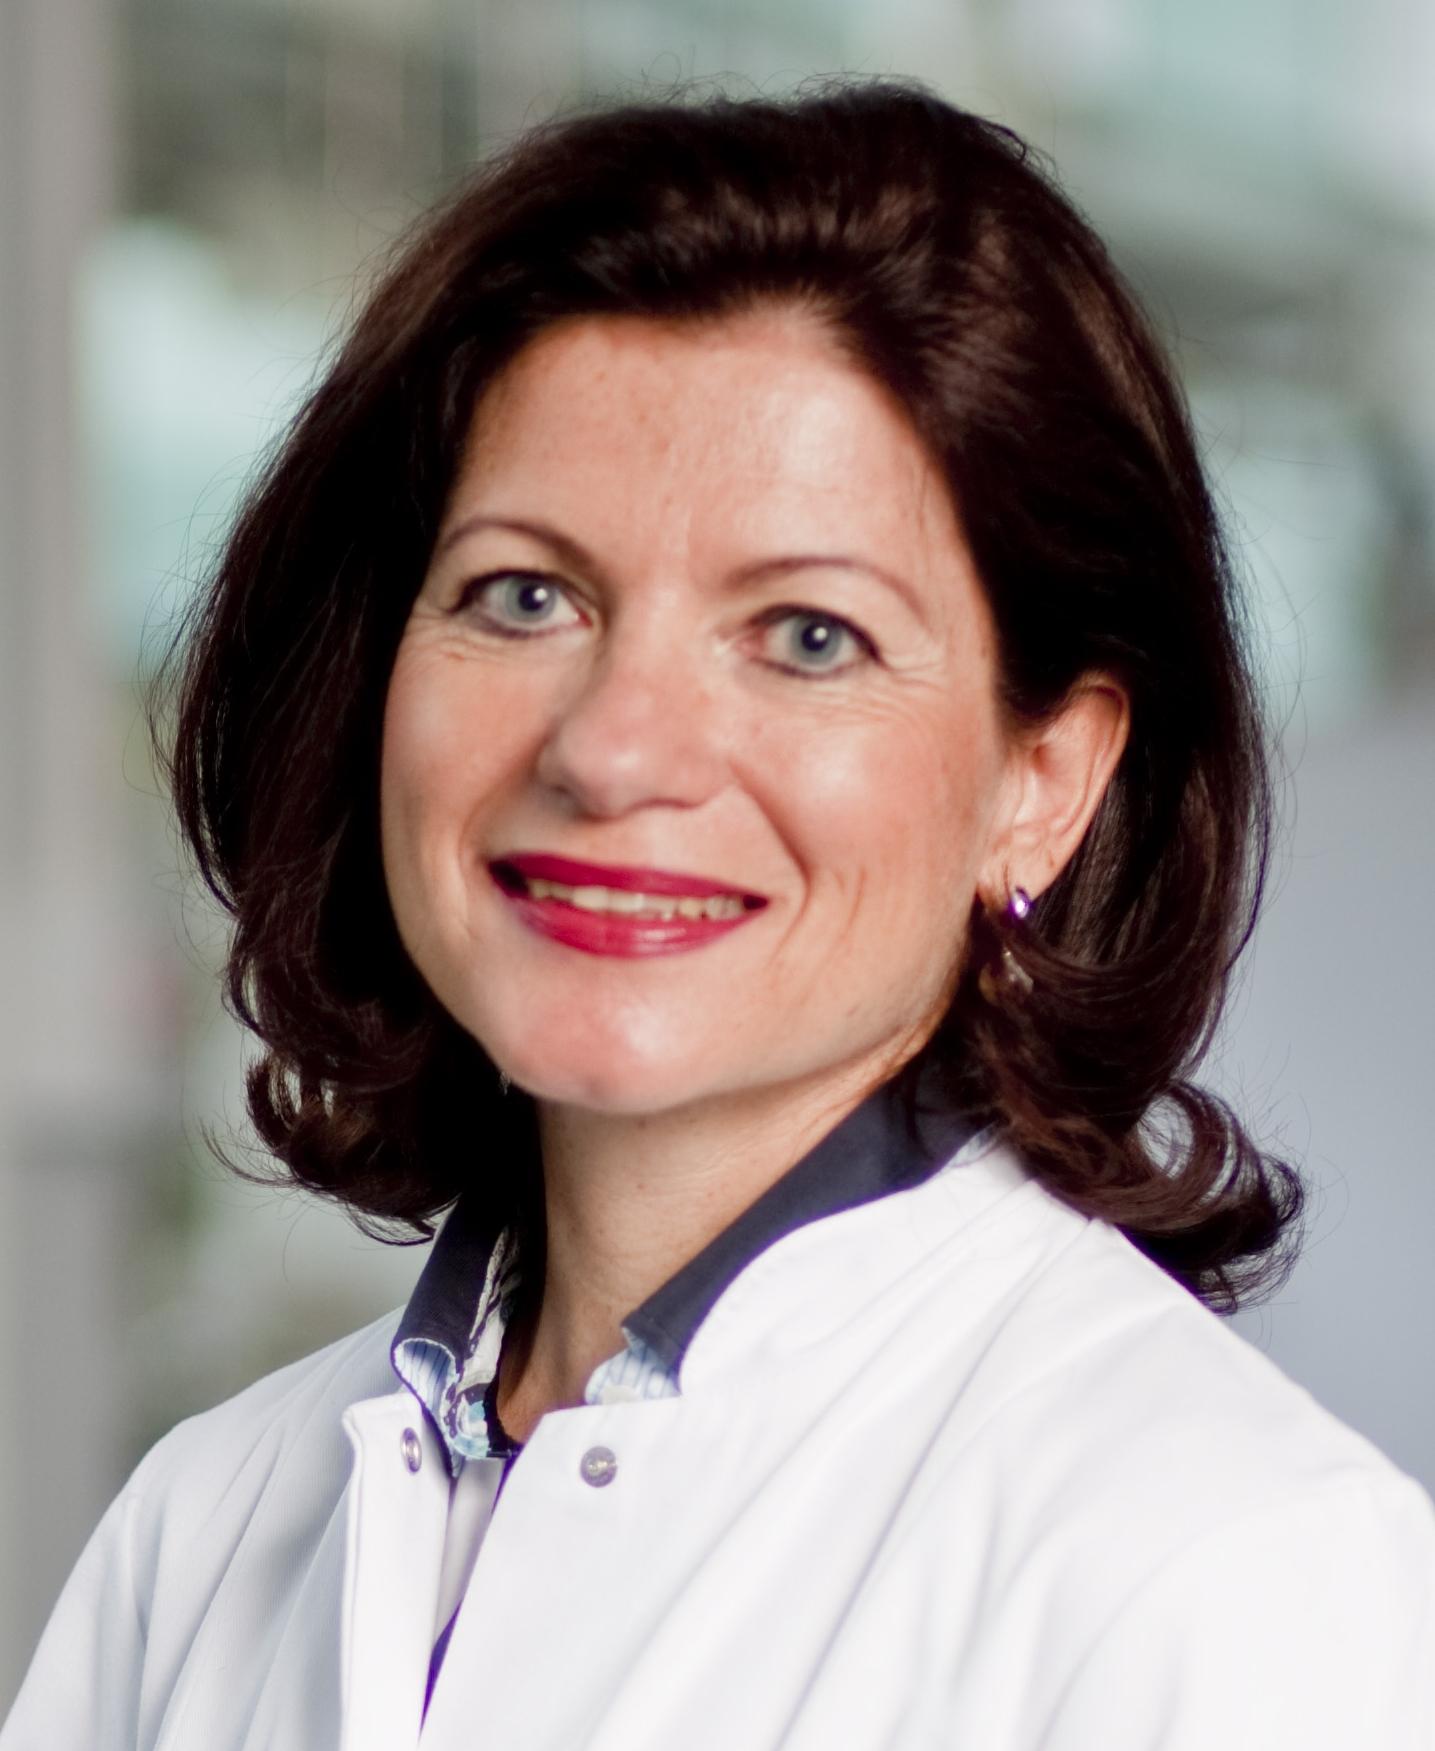 Prof. Dr. med. Thea Koch (2011)